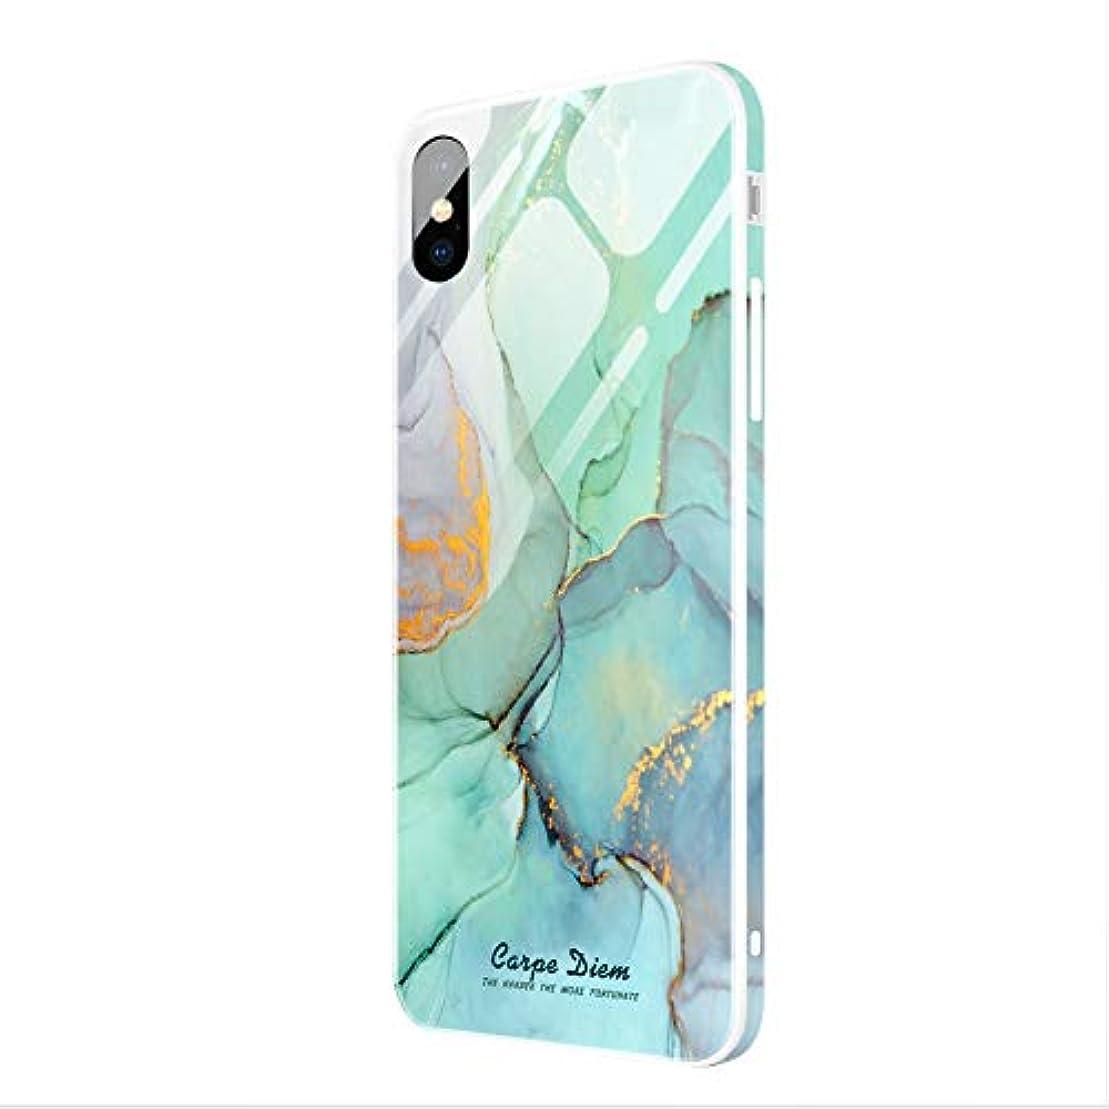 パーティー統治するターゲットIphone 保護カバー - TPU+強化ガラス、シリコーンiPhone 携帯電話シェル用のカラフルなサイドガラスシェルオールインクルーシブソフトエッジアンチフォール